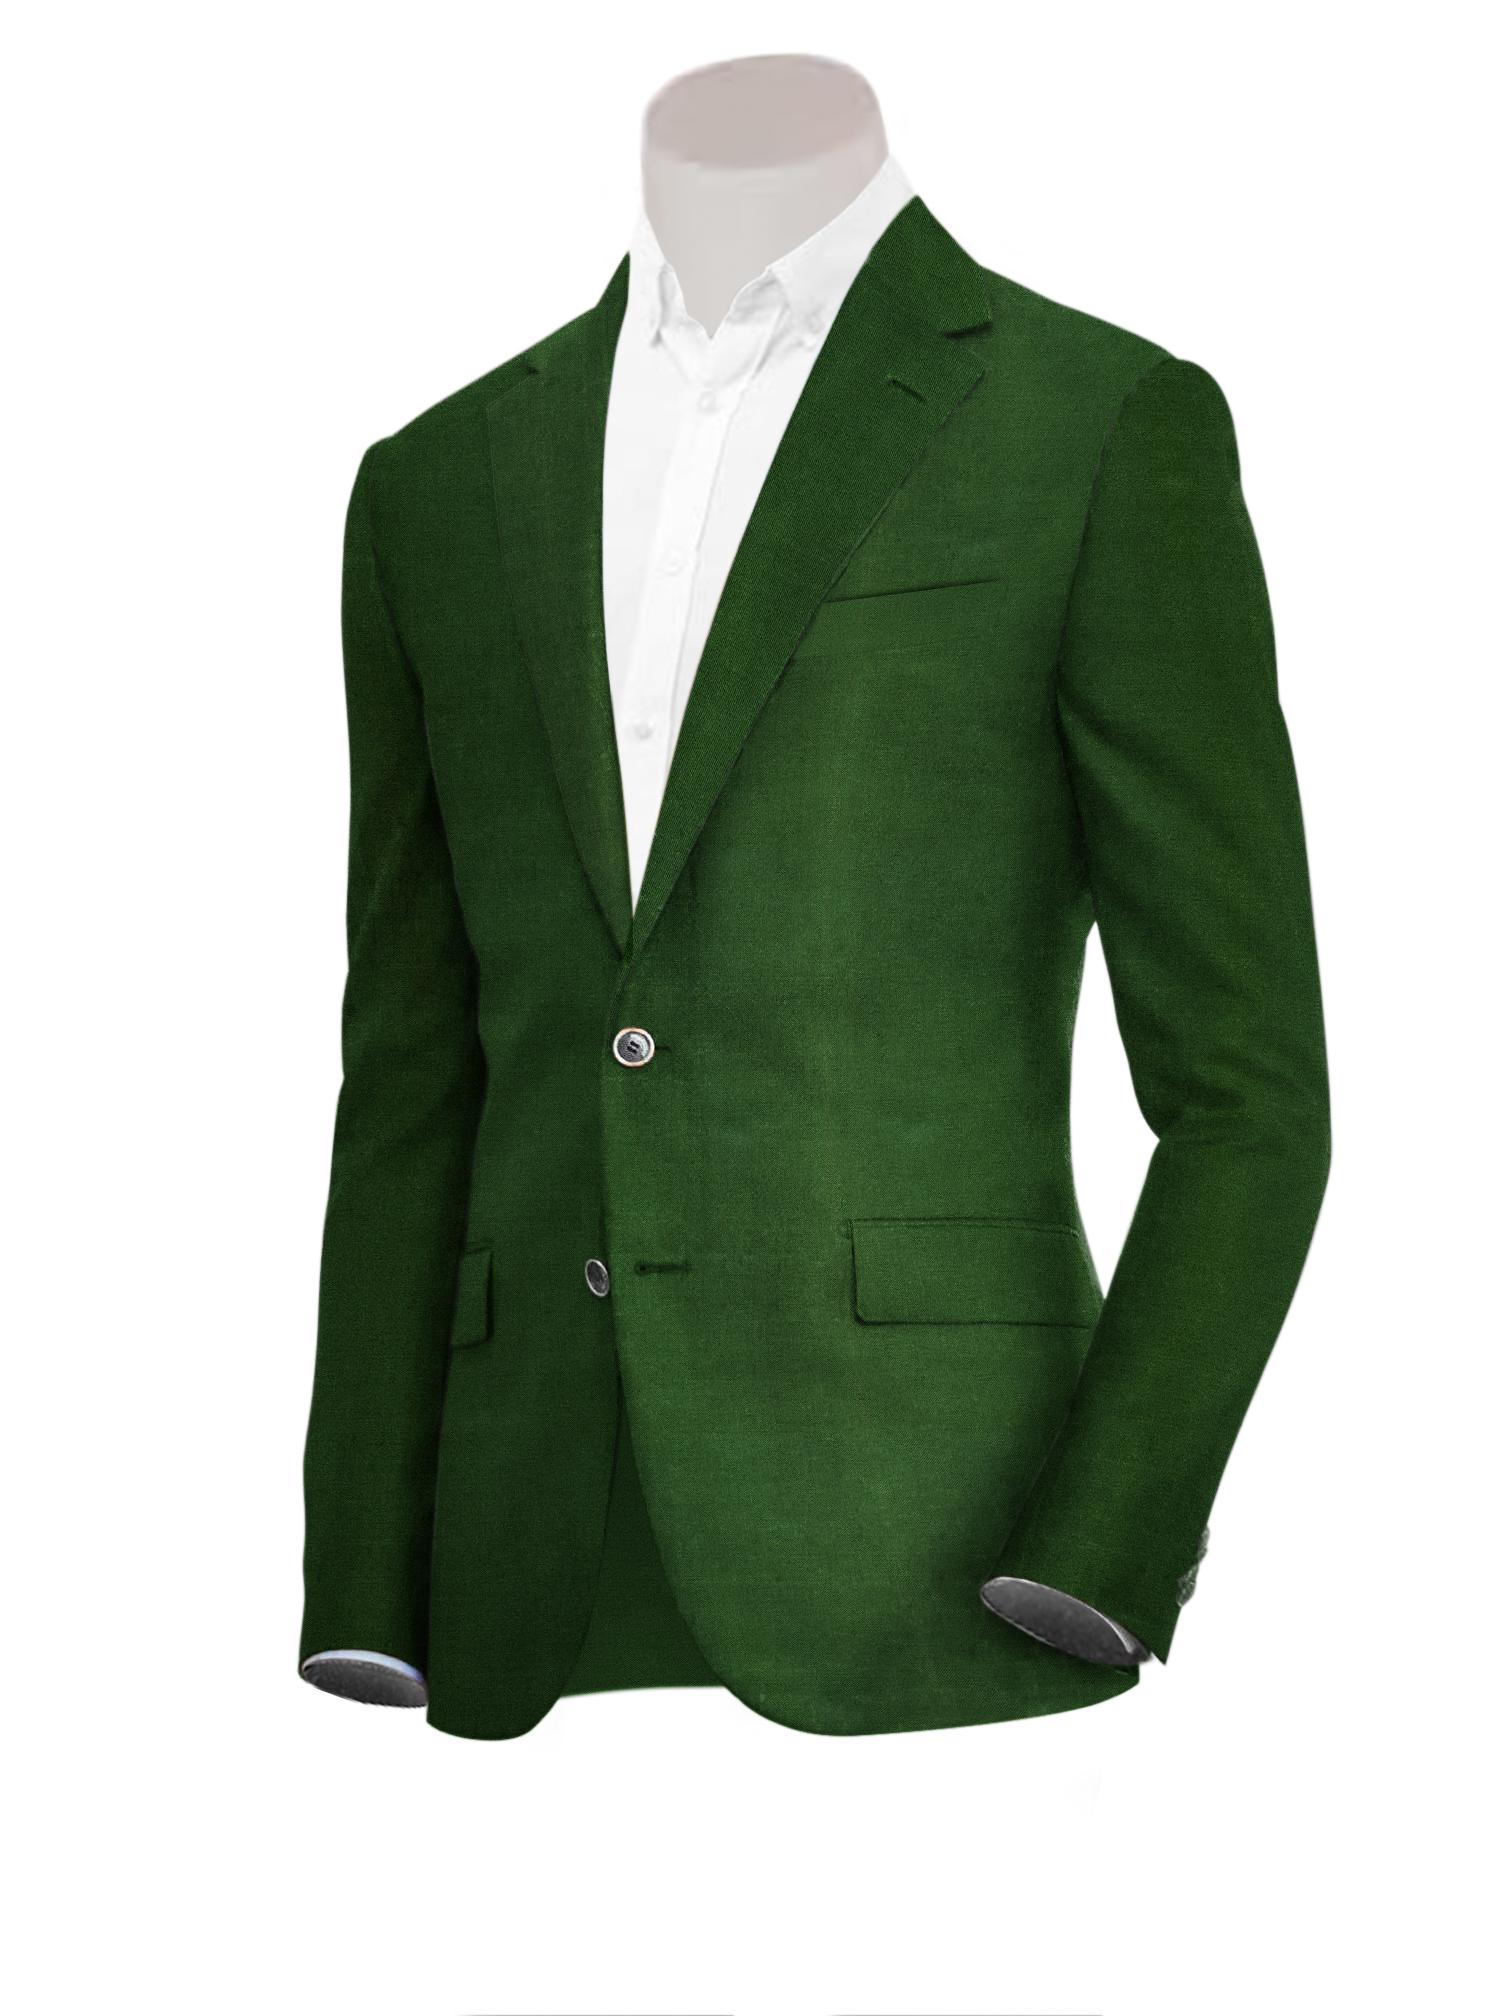 DBP665A jacket